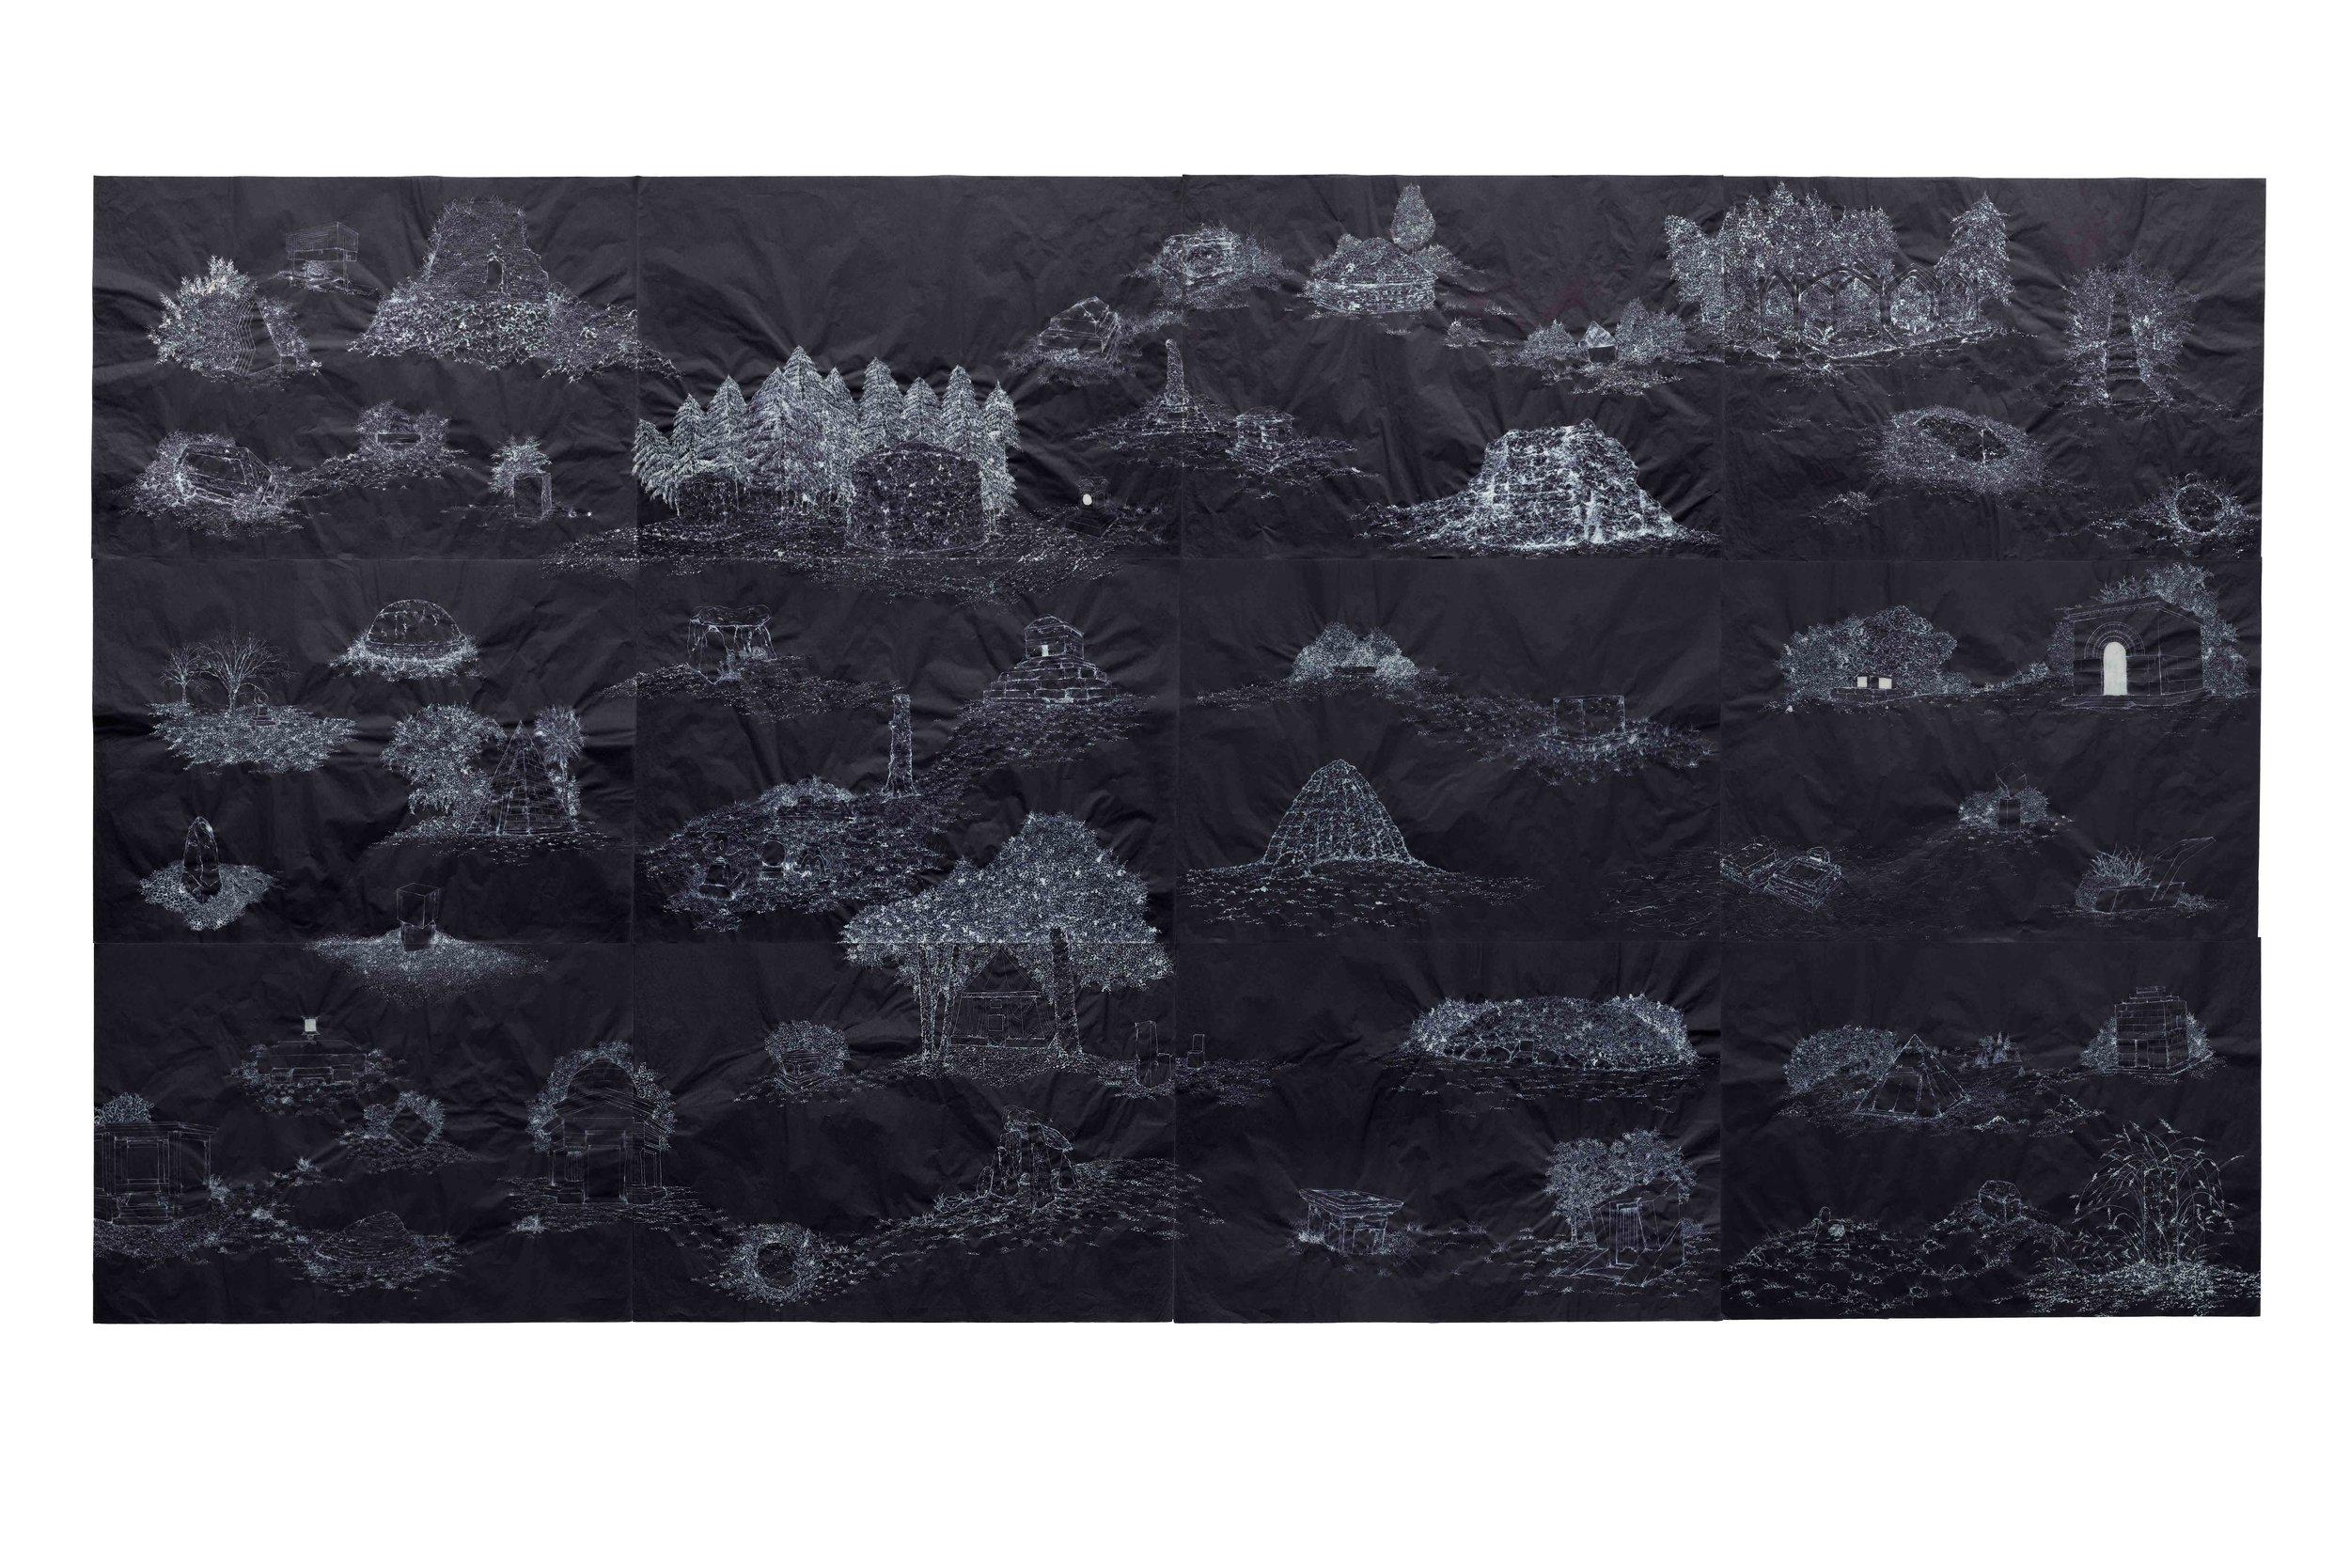 """""""Los ombligos del mundo""""   Hipoclorito de sodio sobre papel de seda   150 x 280 cm   2013"""